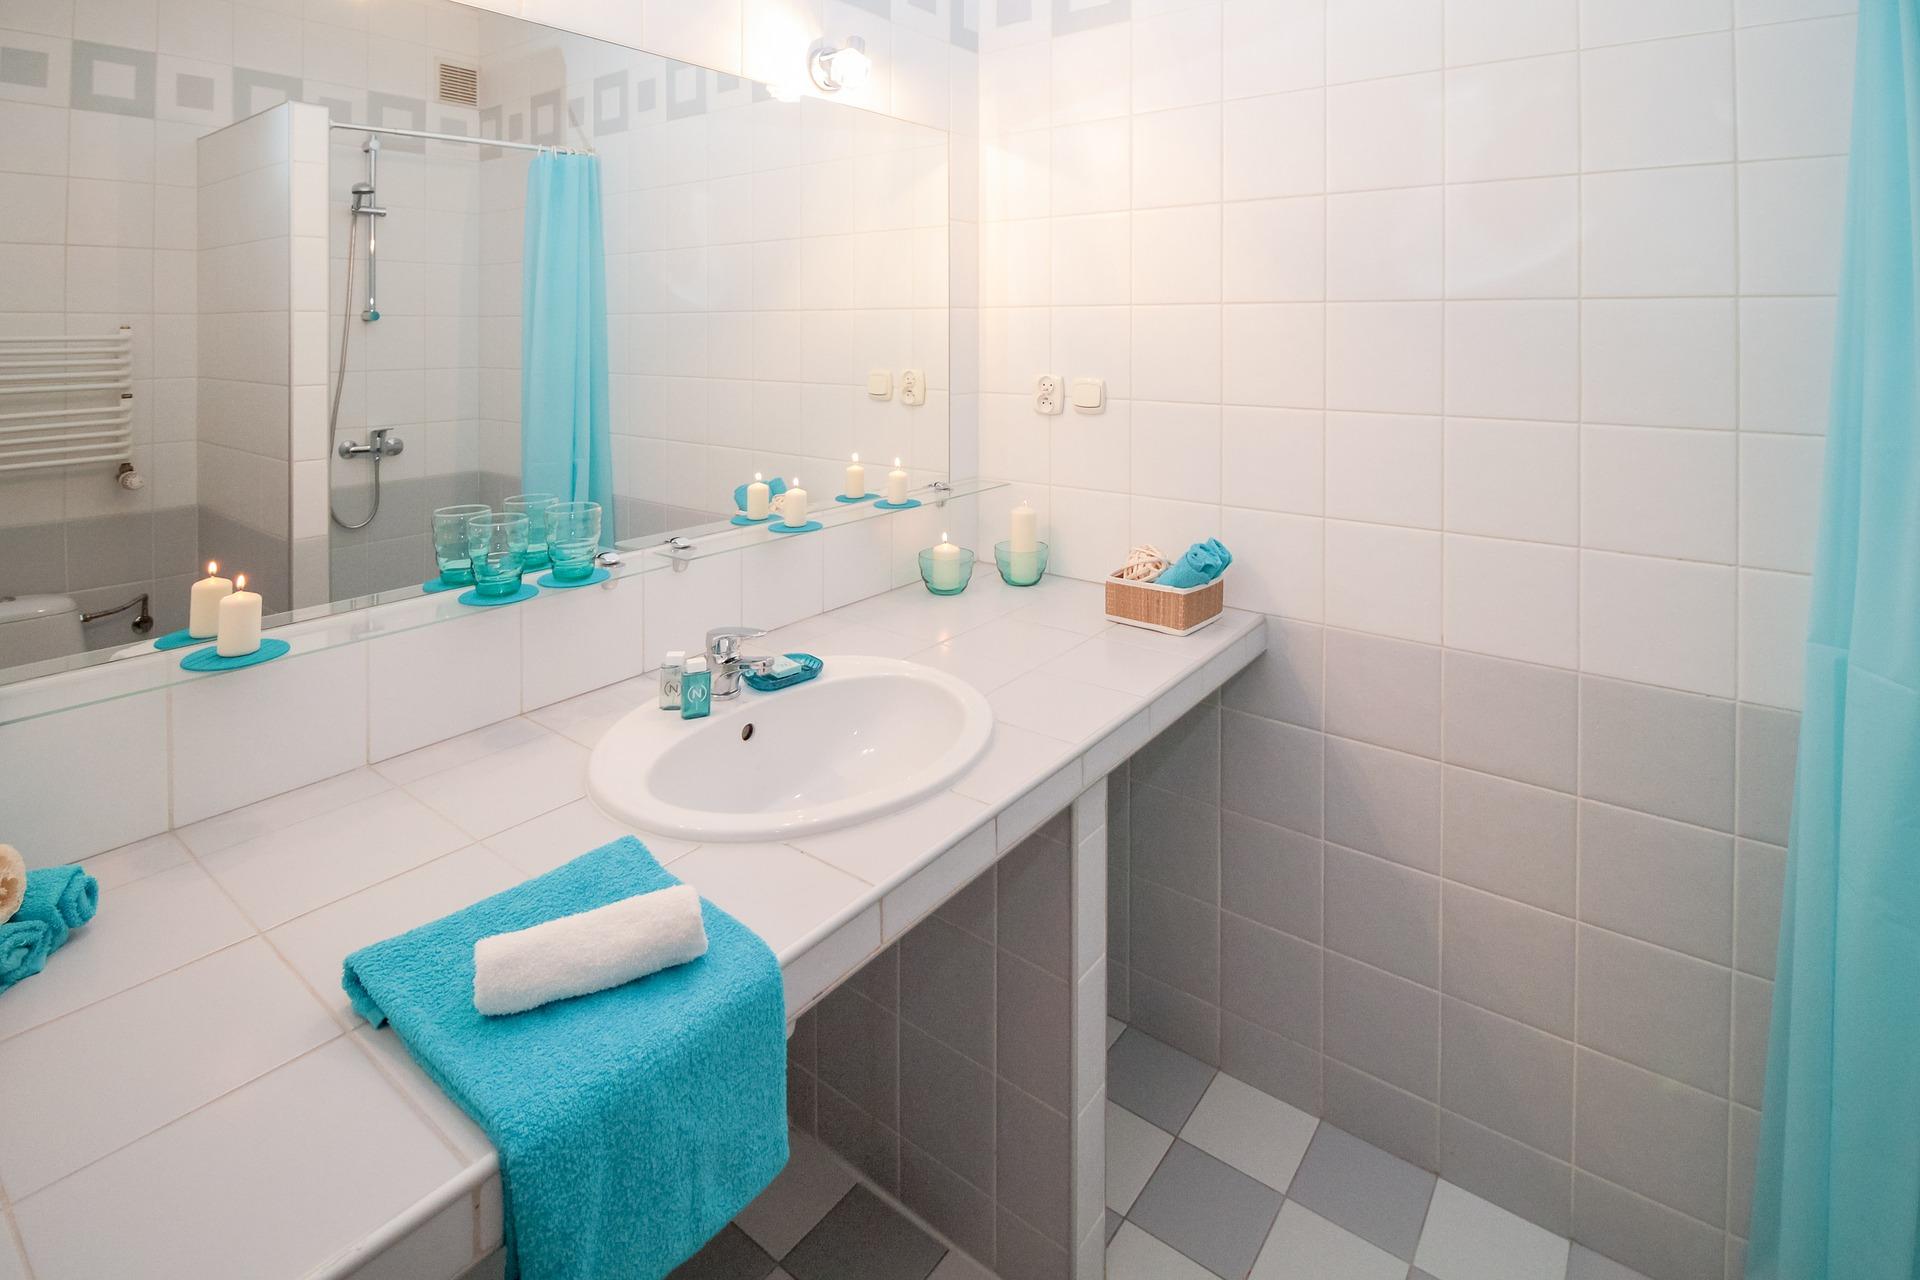 Lekkage in de badkamer oplossen bouwbedrijf zuid holland